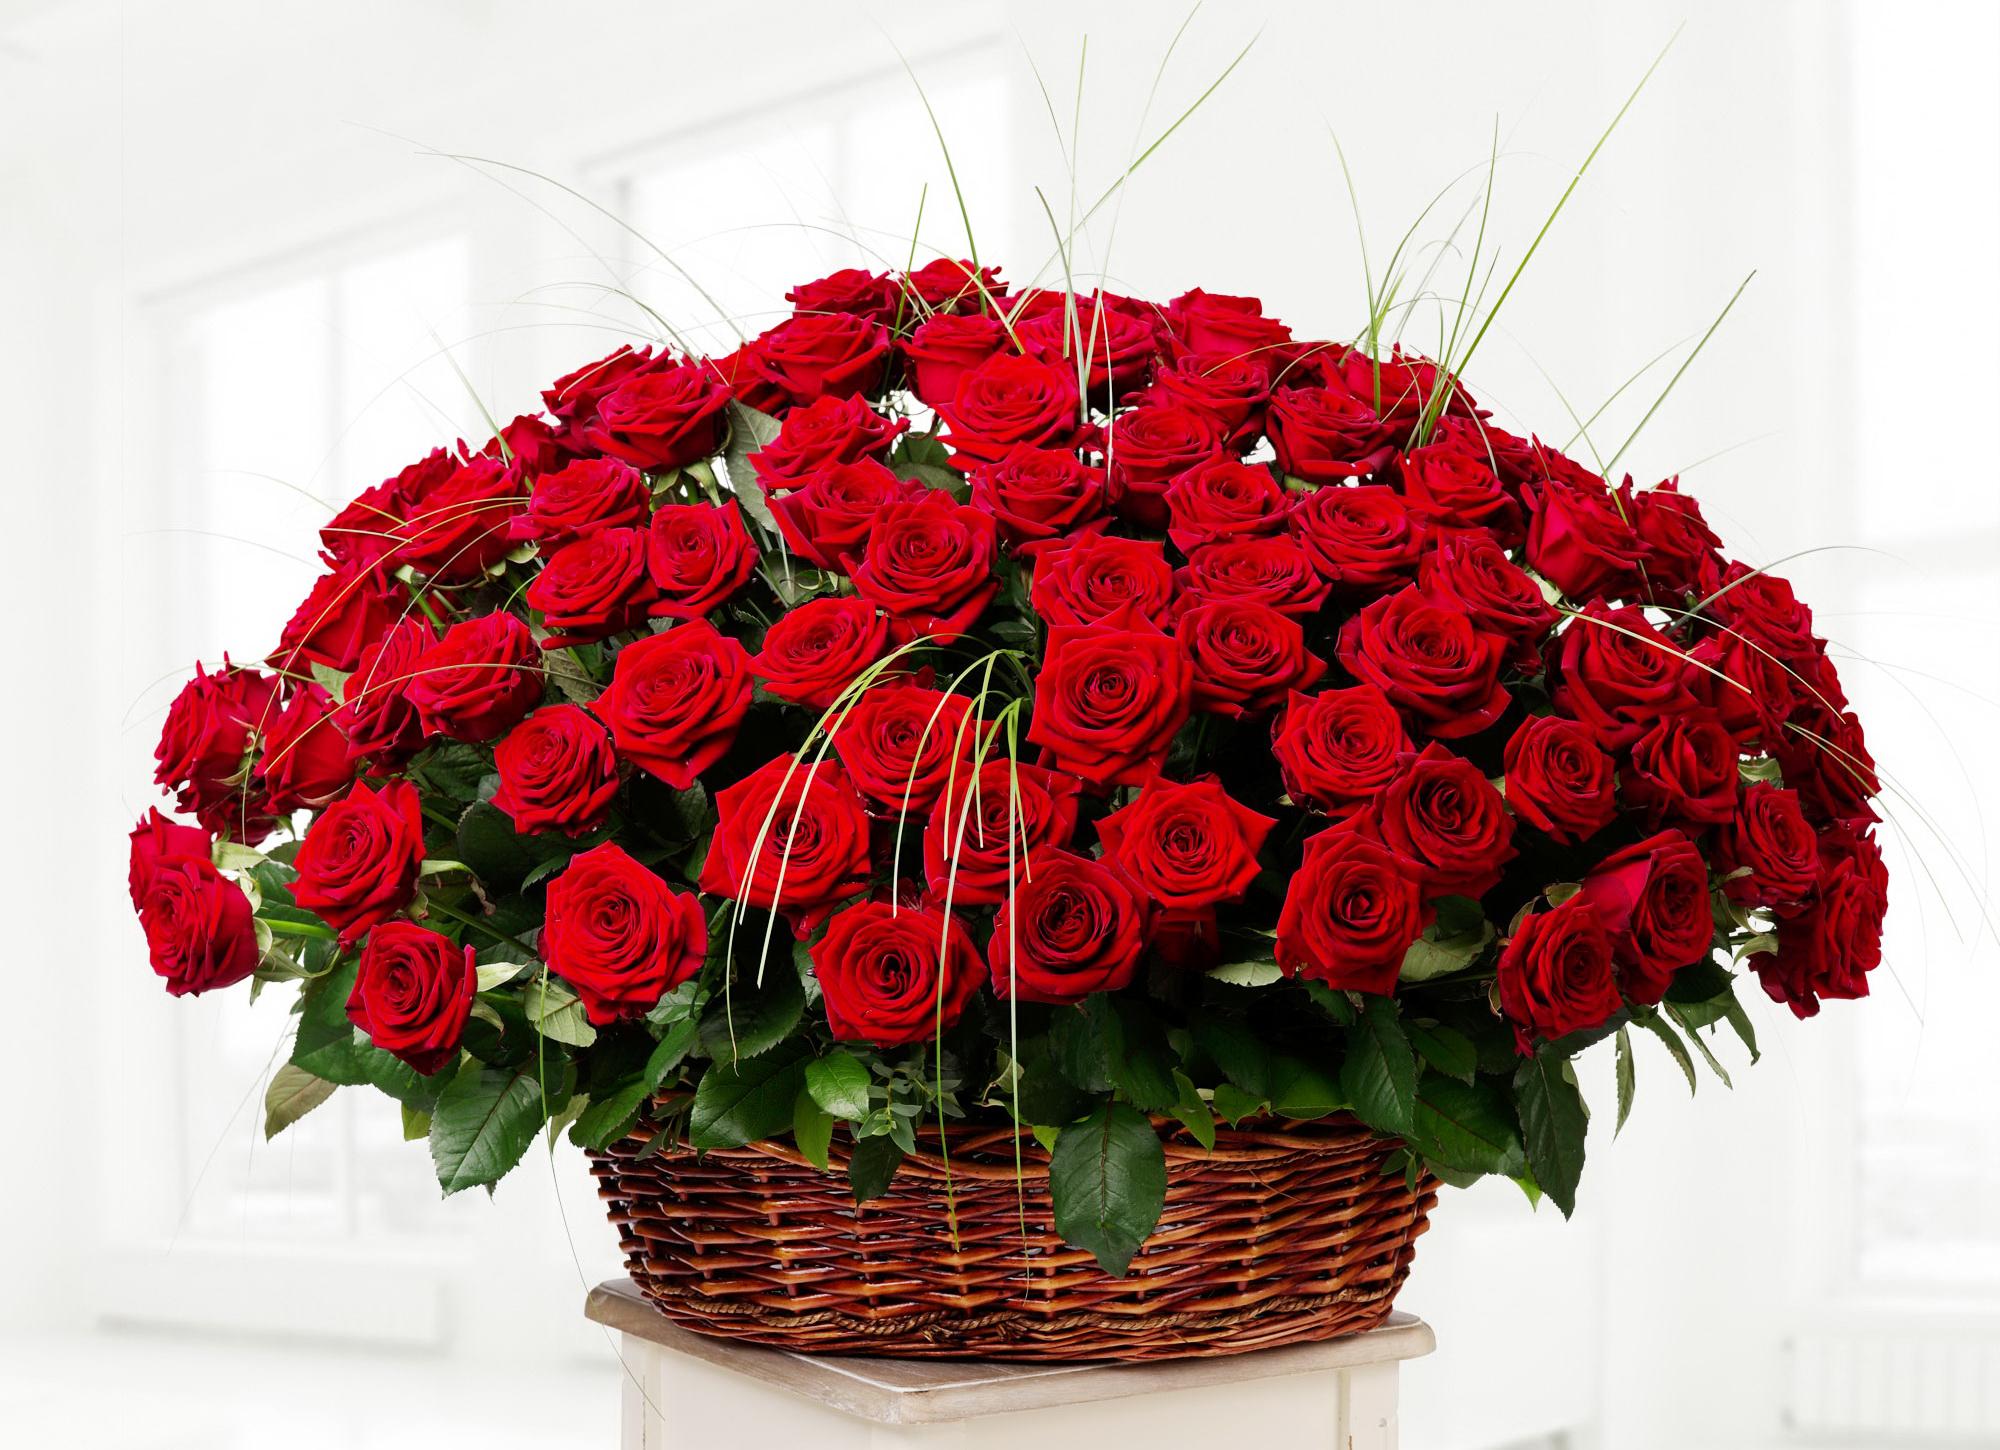 Цветы розы красивые букет красные фото, цветы